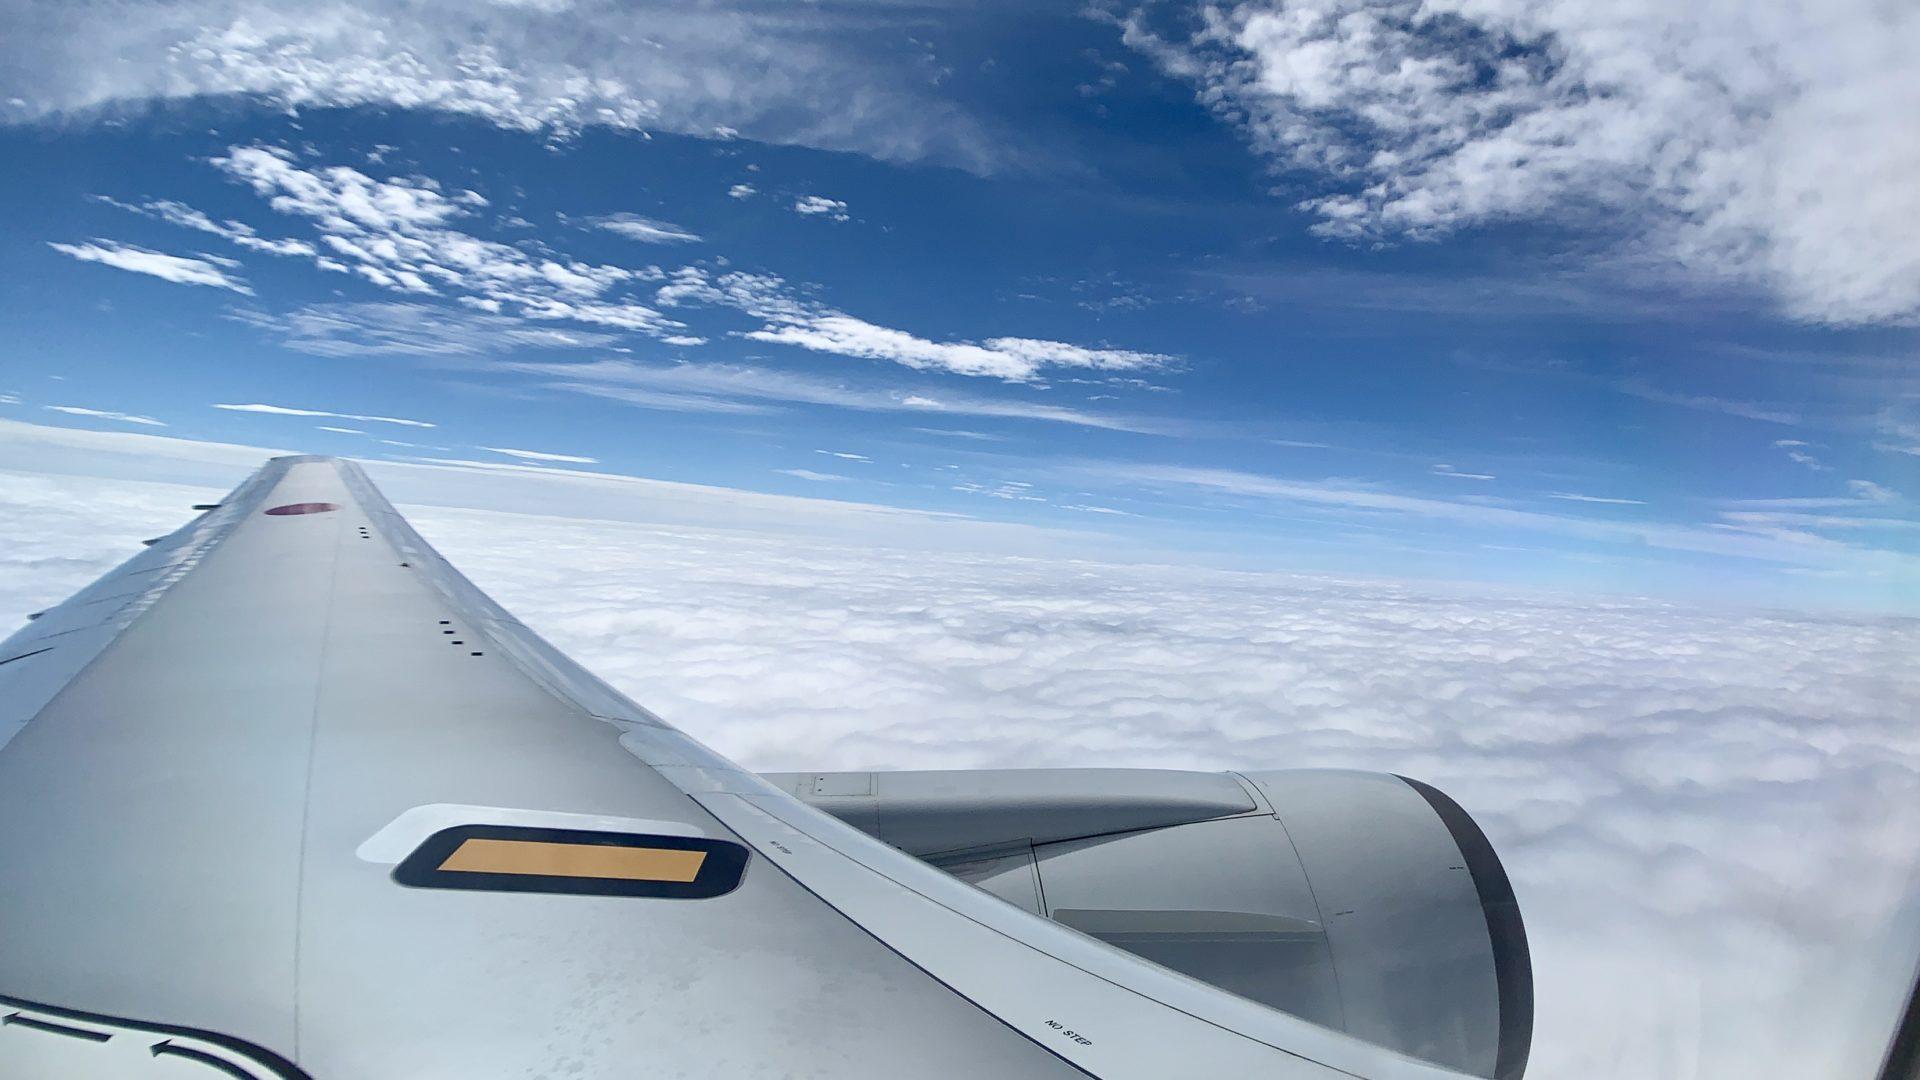 機内Wi-Fiを使ってみた! ANA国内便の機内Wi-Fiの設定方法